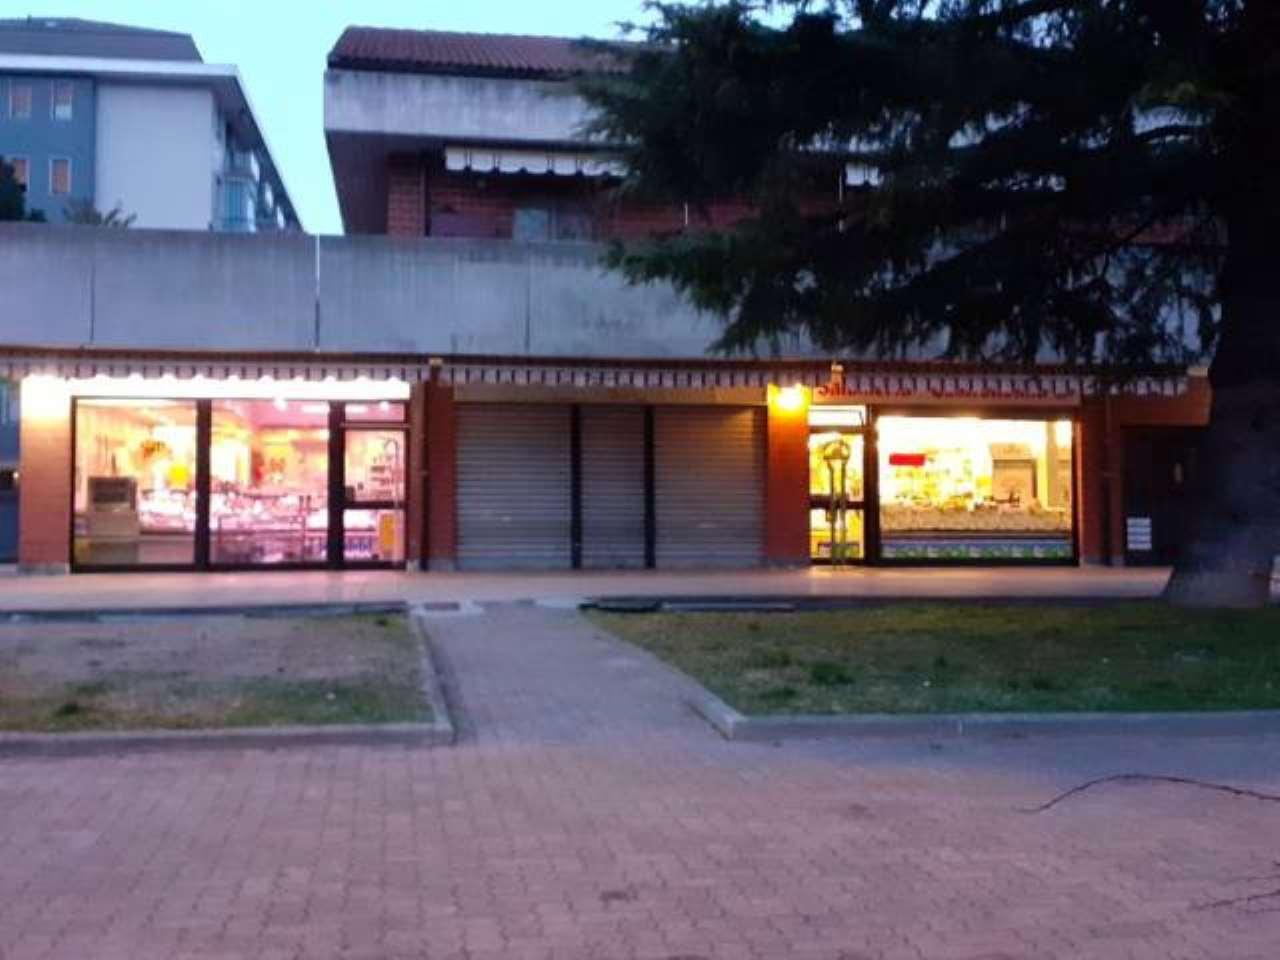 Negozio / Locale in affitto a Alpignano, 2 locali, prezzo € 600 | PortaleAgenzieImmobiliari.it